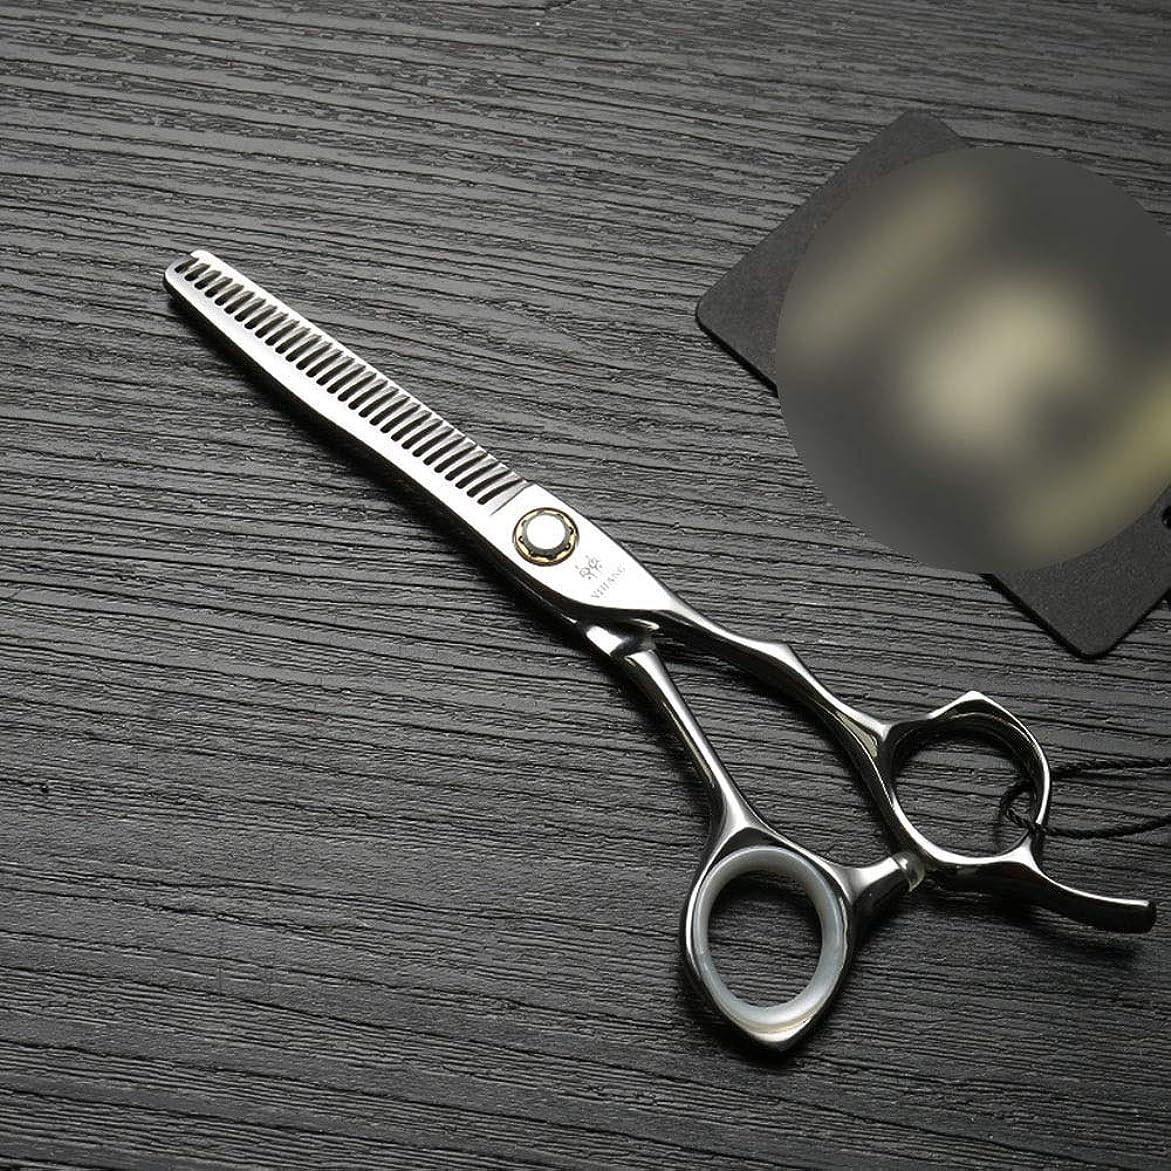 プライム皮肉ハンサム理髪用はさみ 6インチプロフェッショナル理髪はさみ、ベアリングねじ、ステンレス鋼のはさみはさみヘアカットはさみステンレス理髪はさみ (色 : Silver)